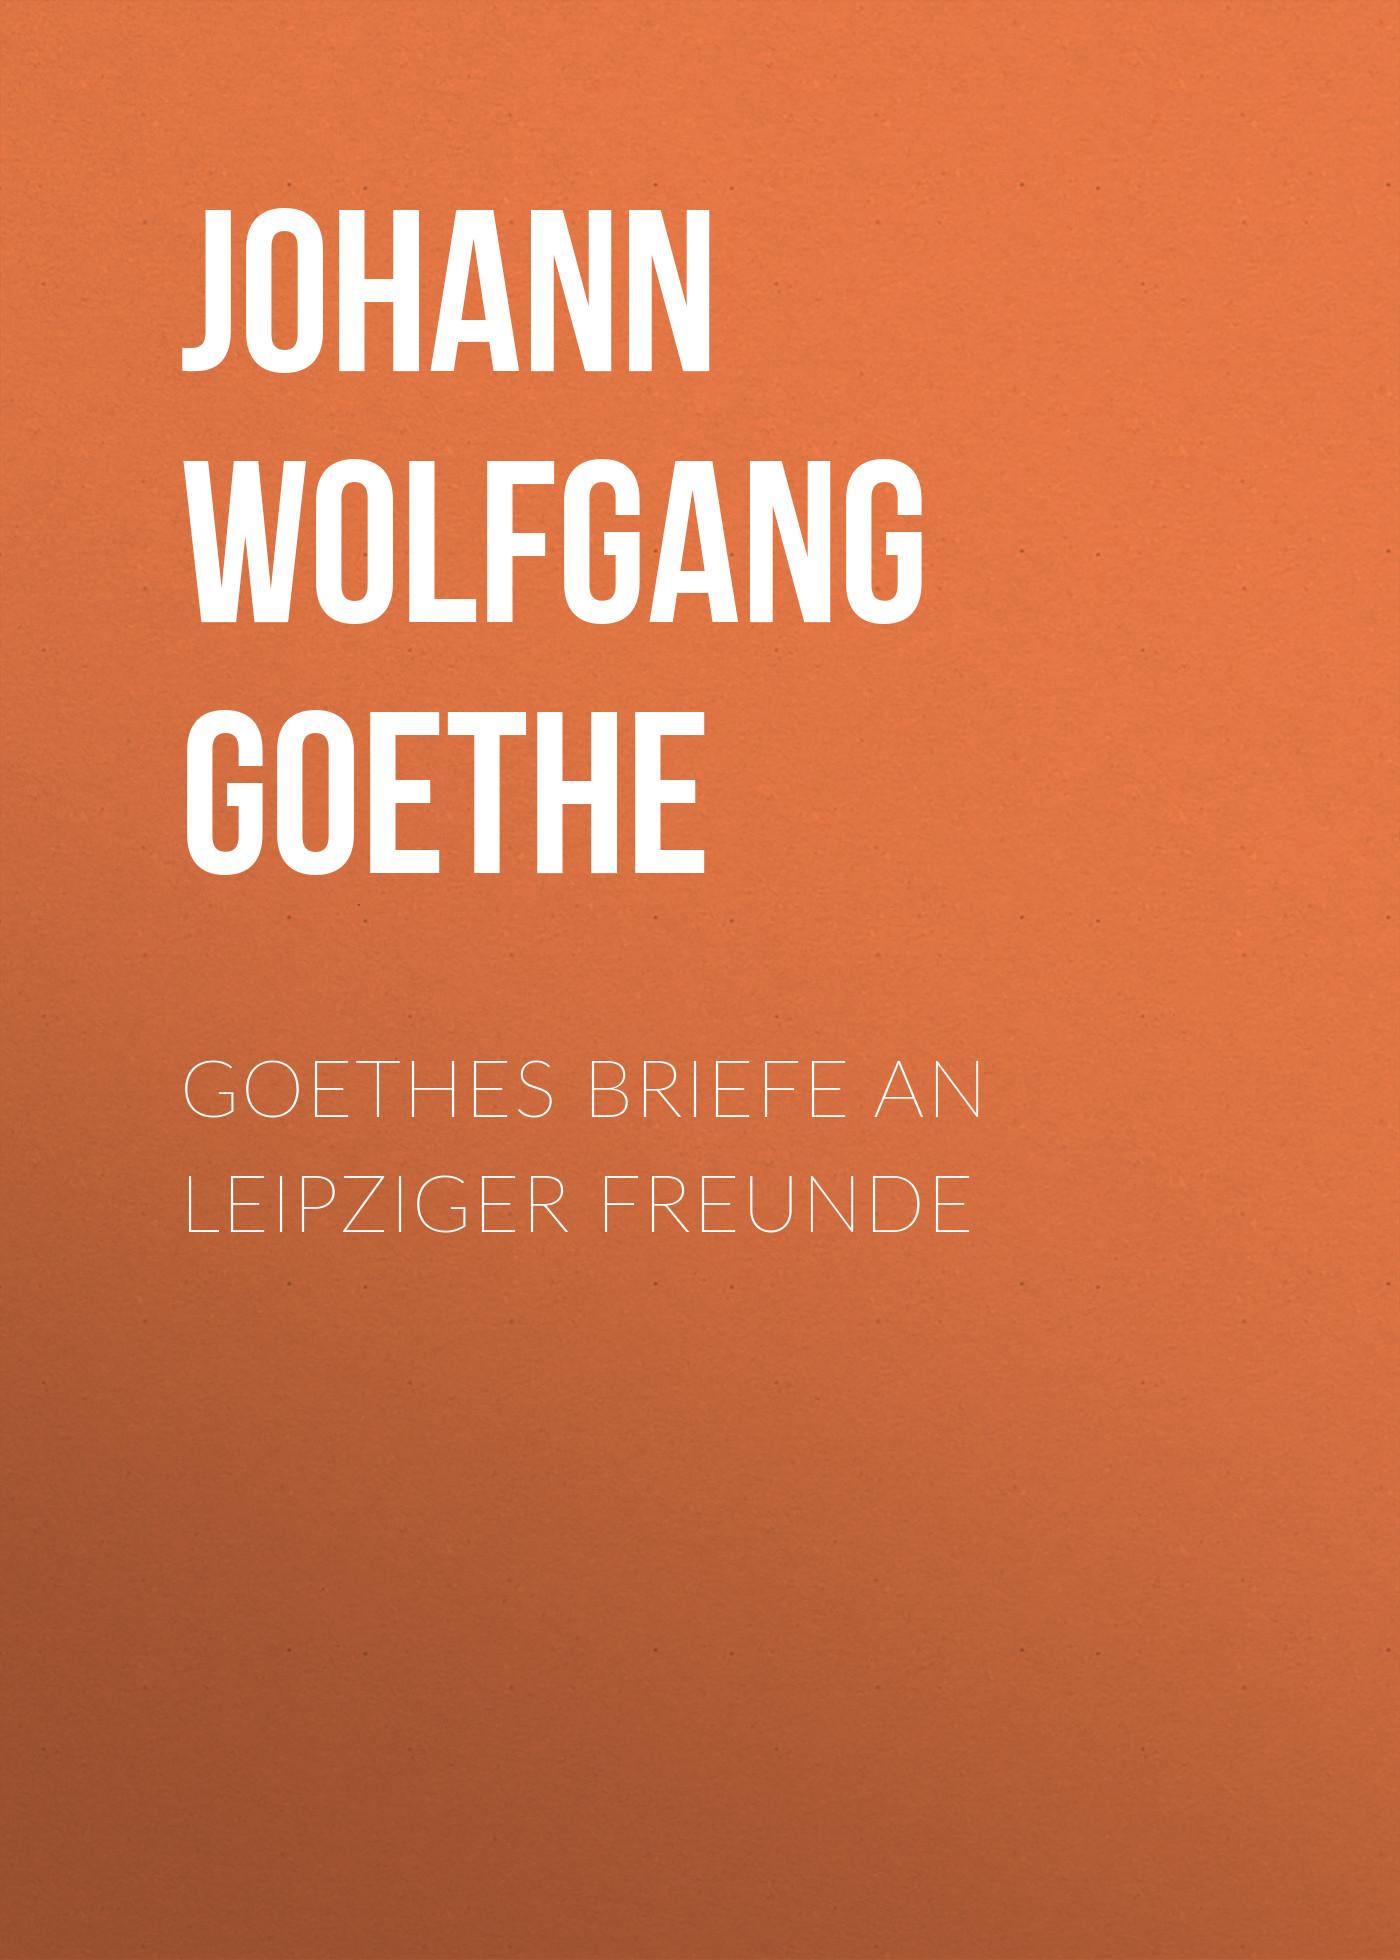 все цены на Иоганн Вольфганг фон Гёте Goethes Briefe an Leipziger Freunde